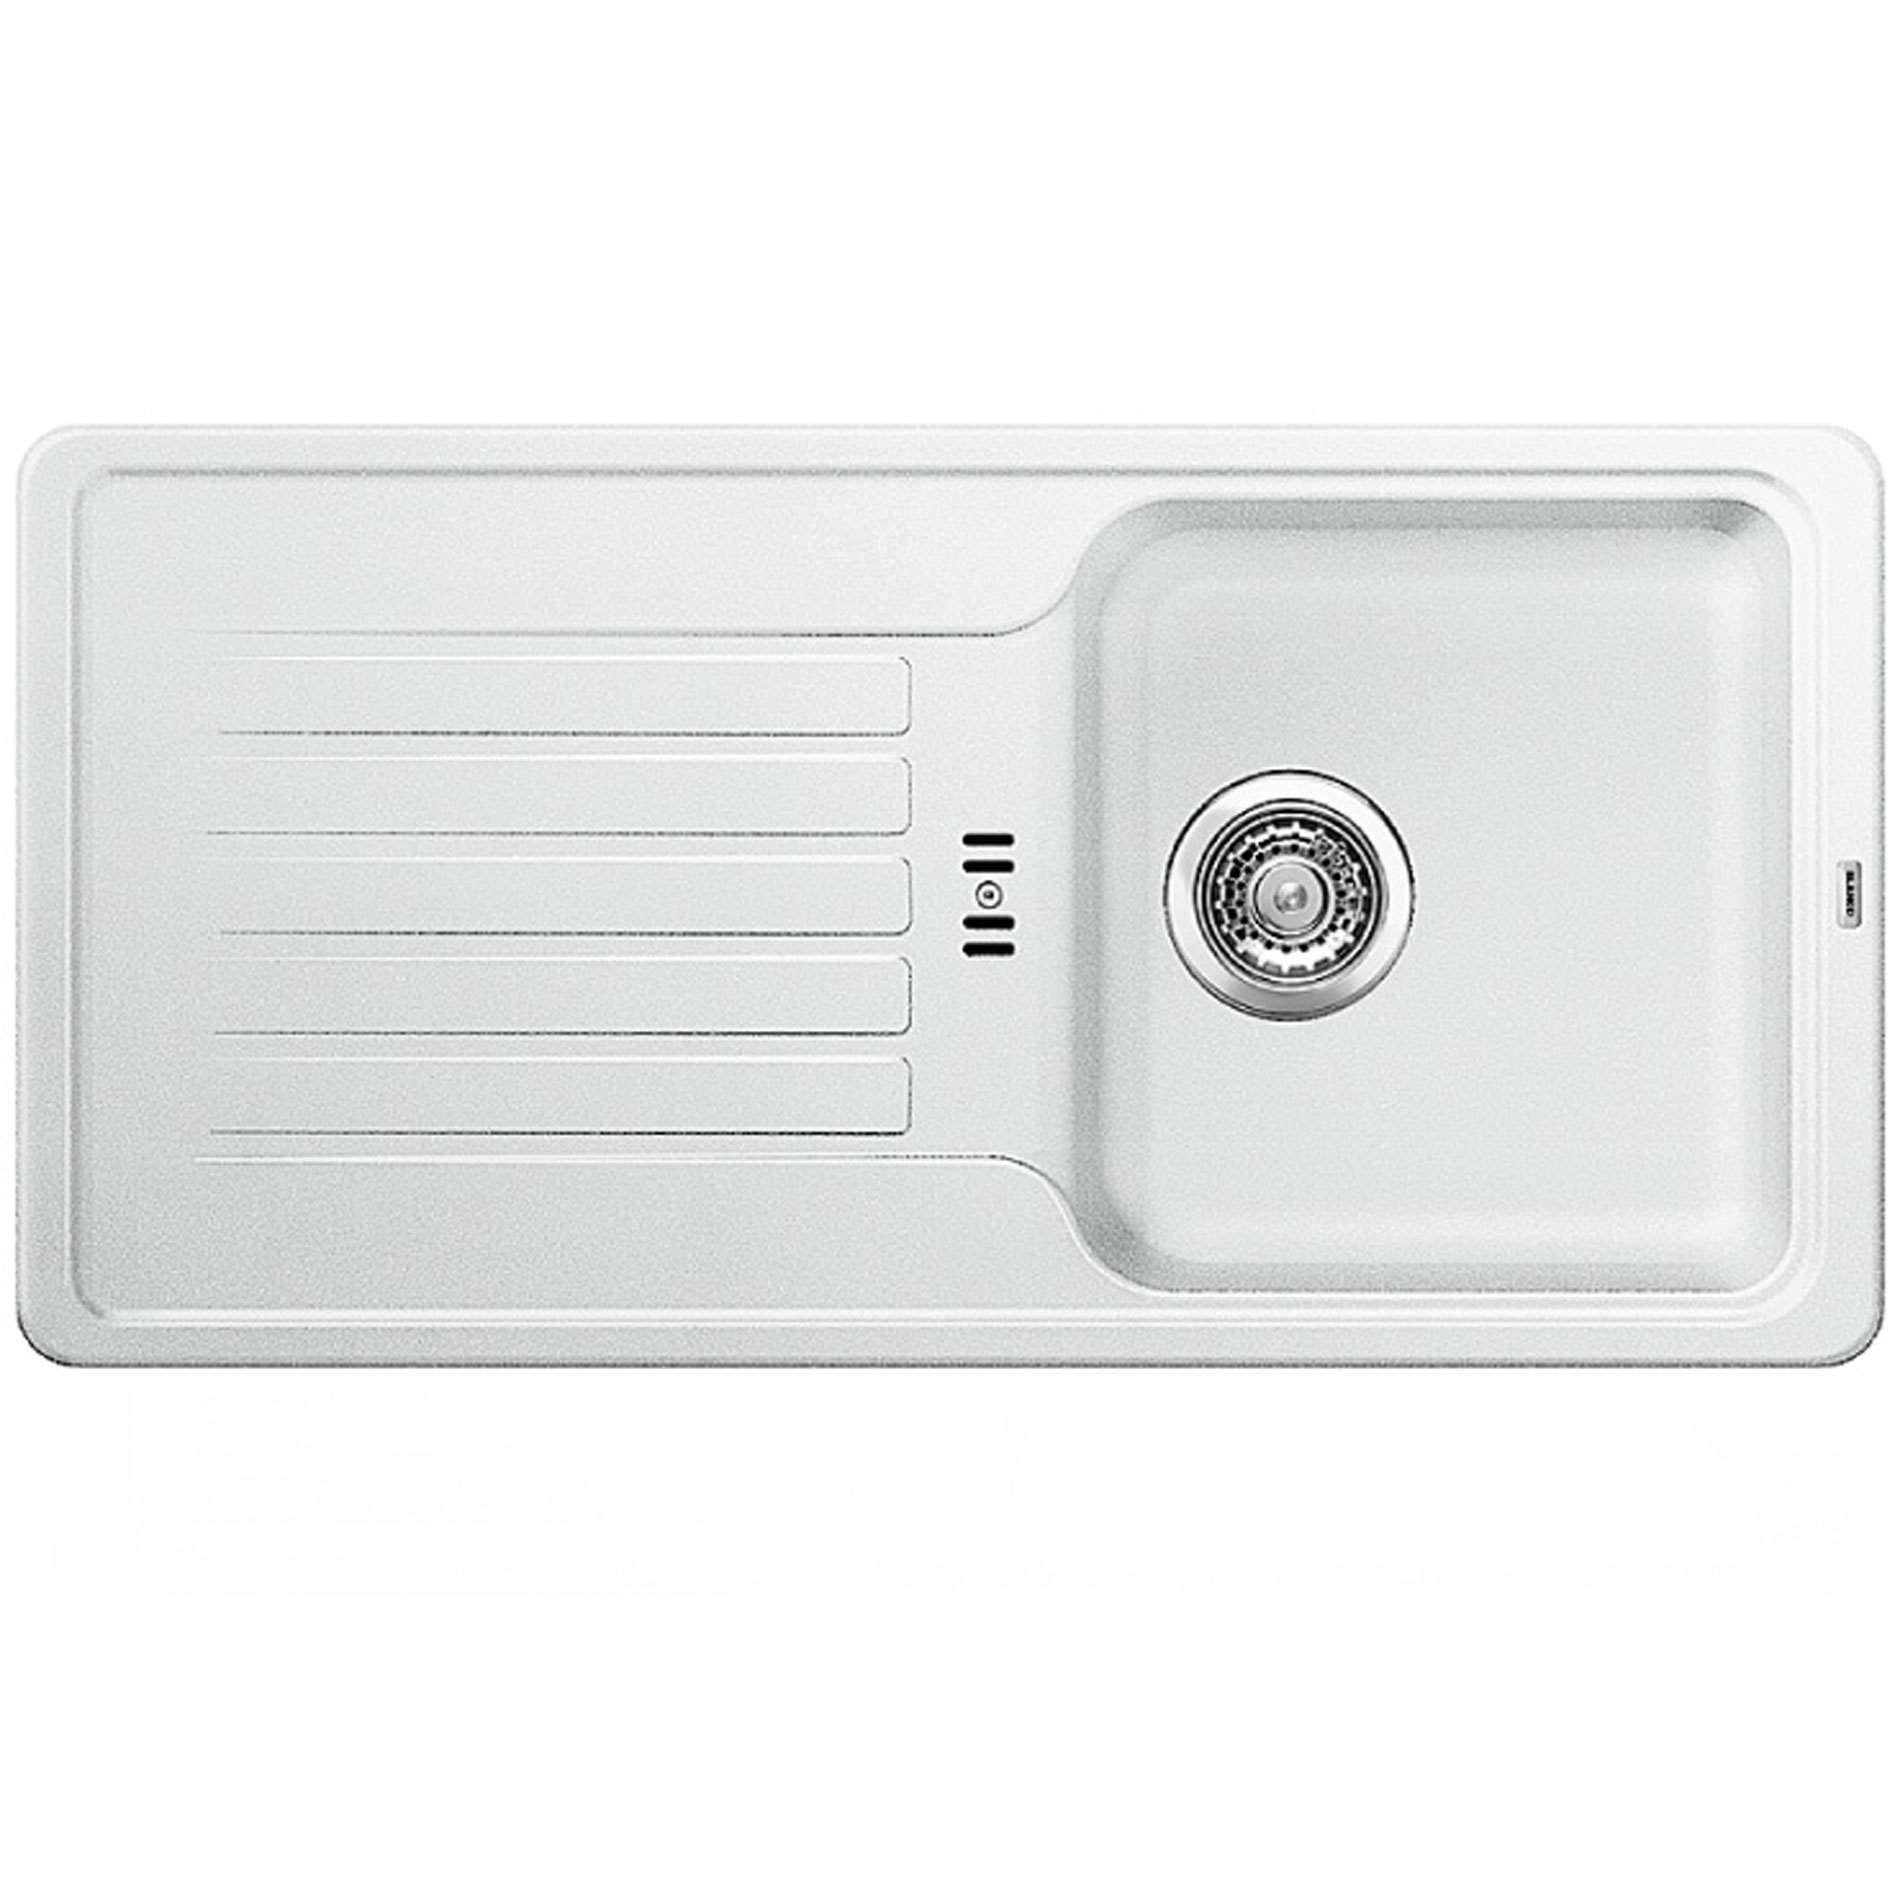 Blanco favos 45 s white silgranit sink kitchen sinks taps for German kitchen sink brands